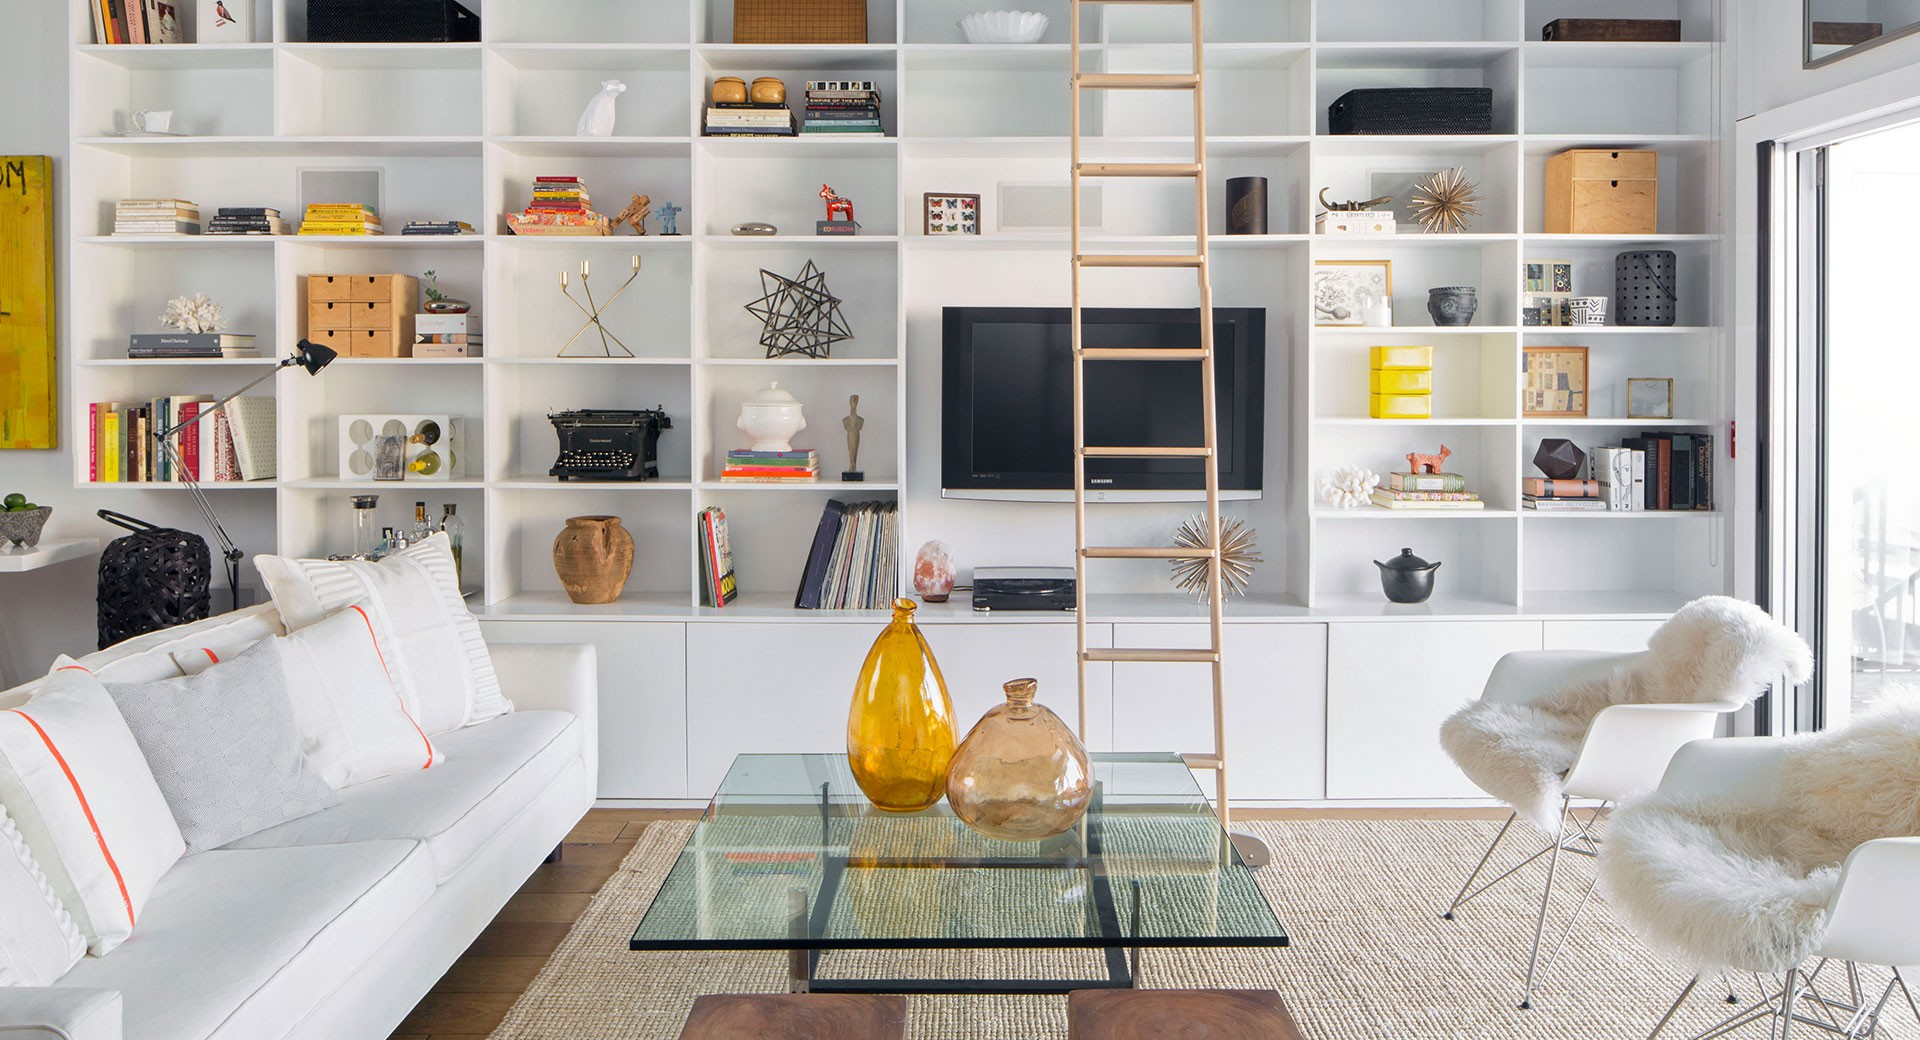 Book Shelves Design After